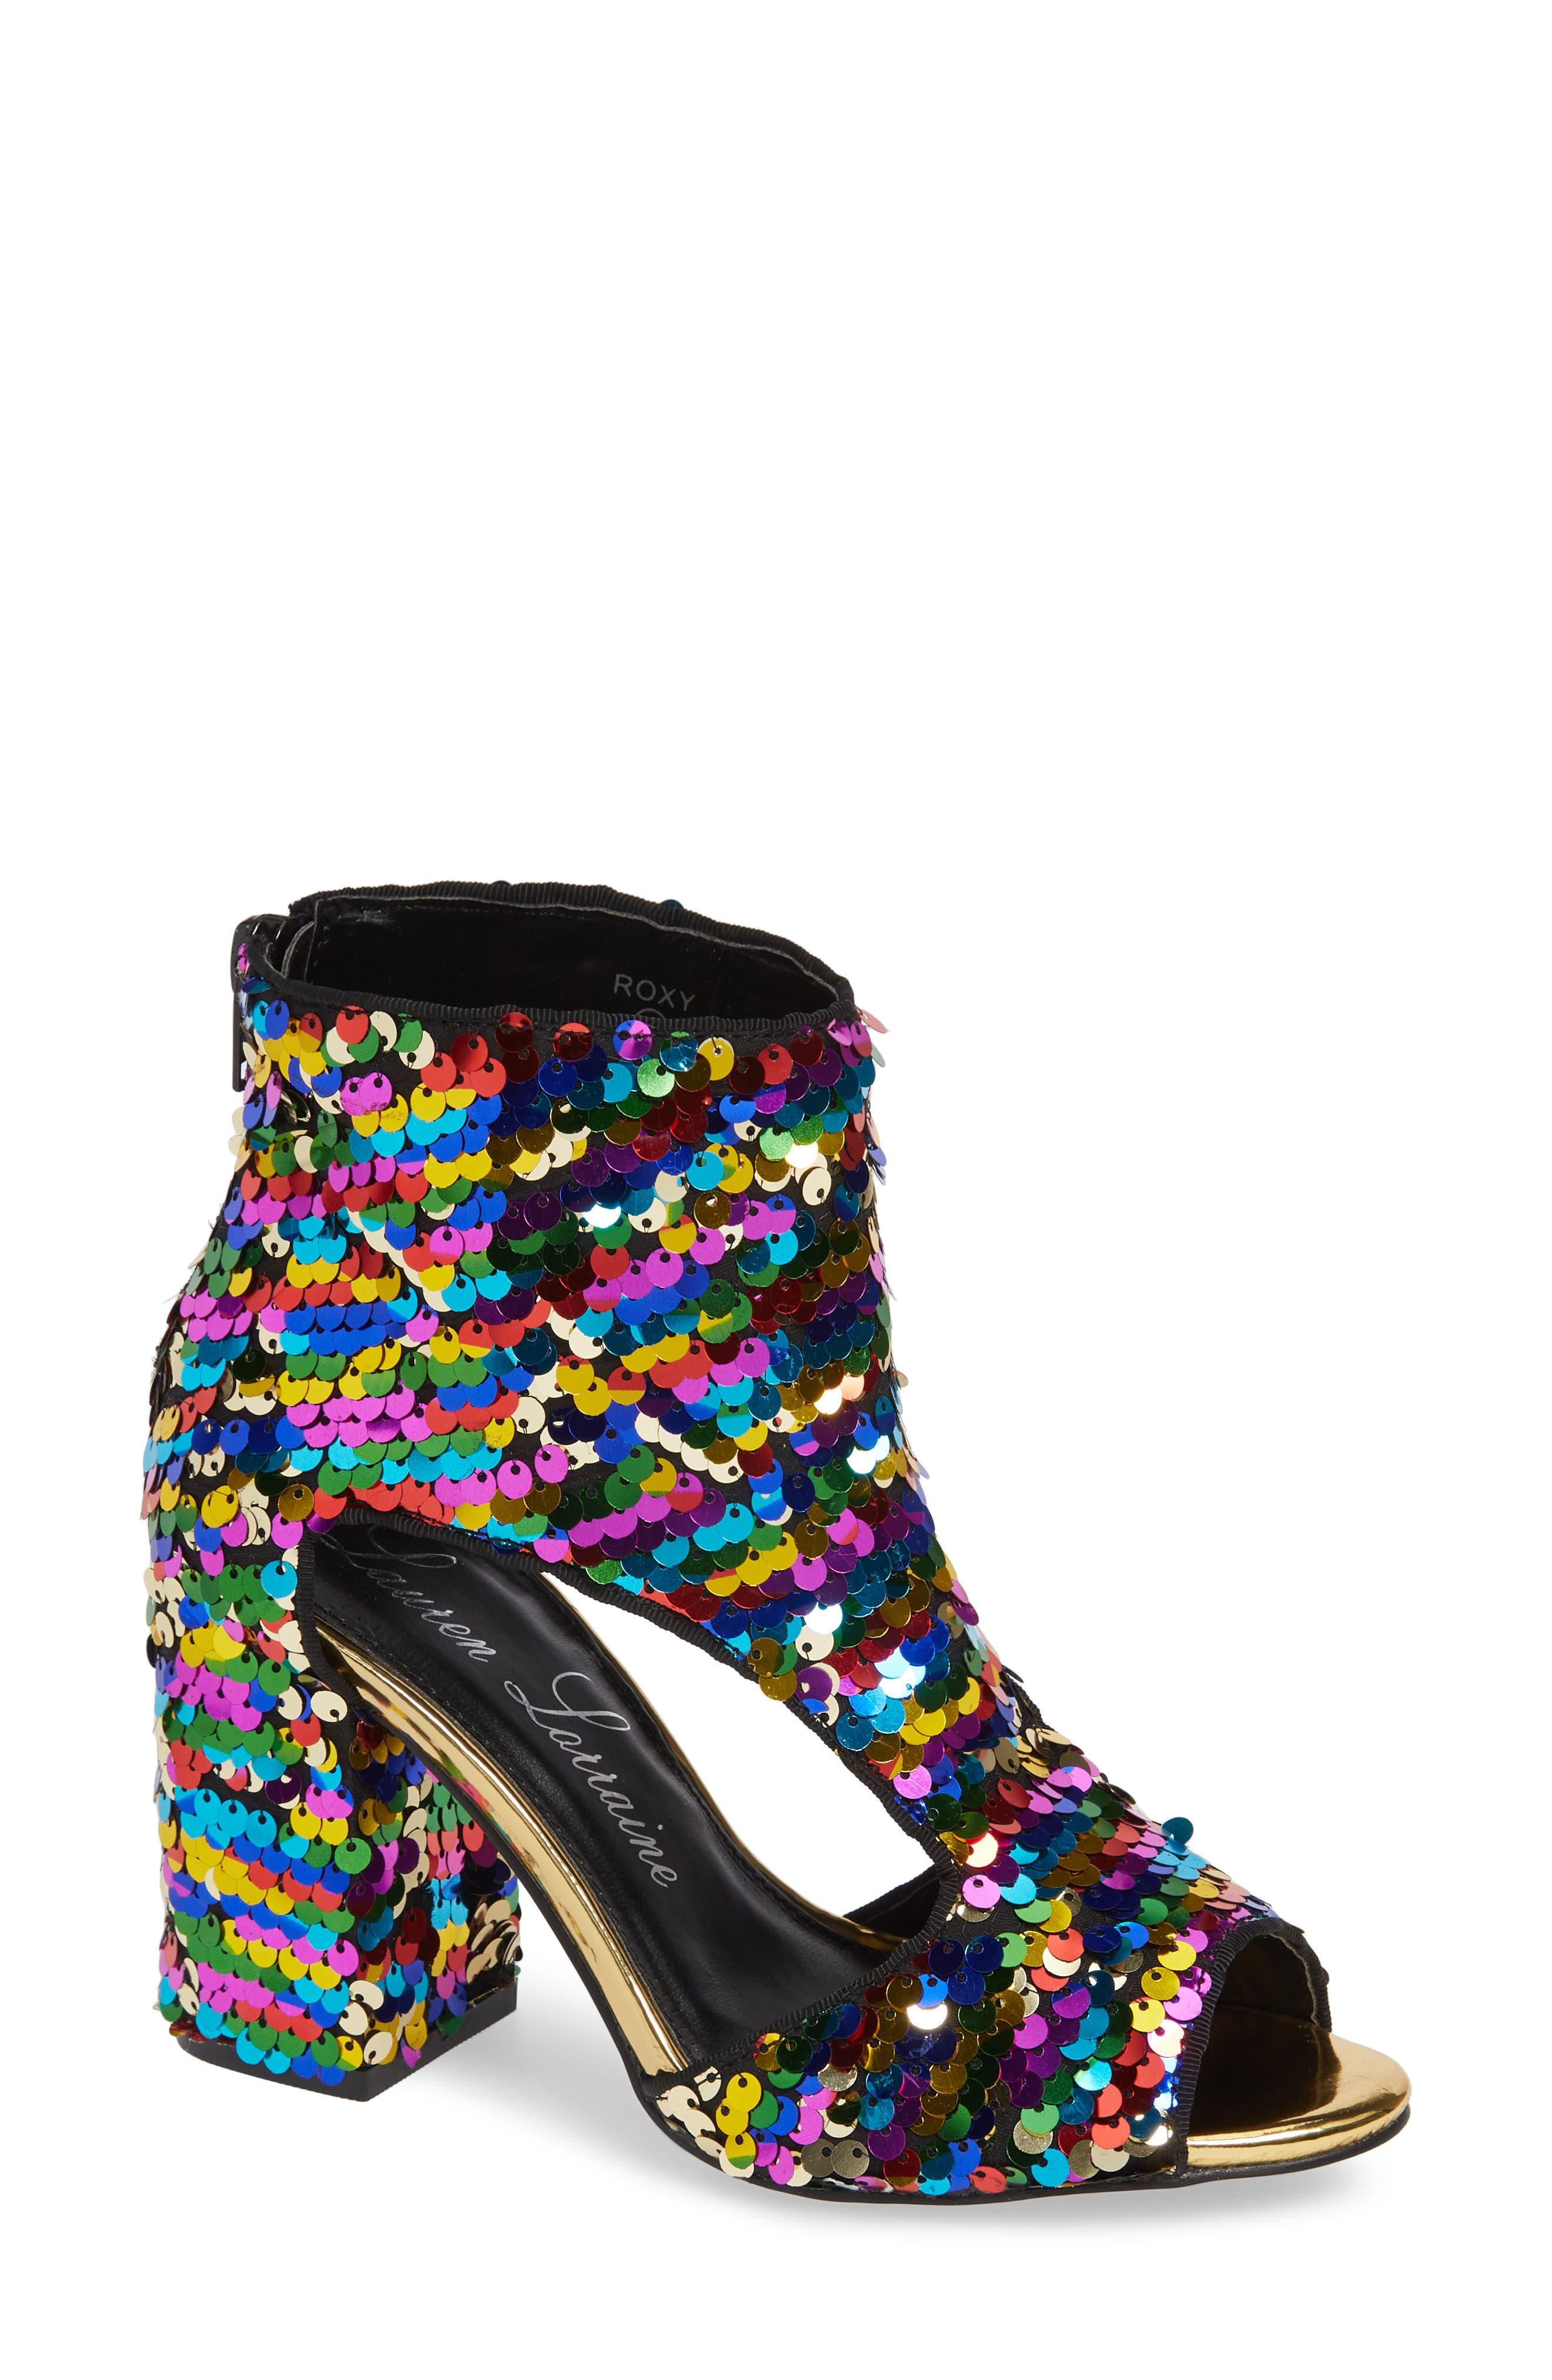 Lauren Lorraine Roxy Sequin Sandal- Metallic